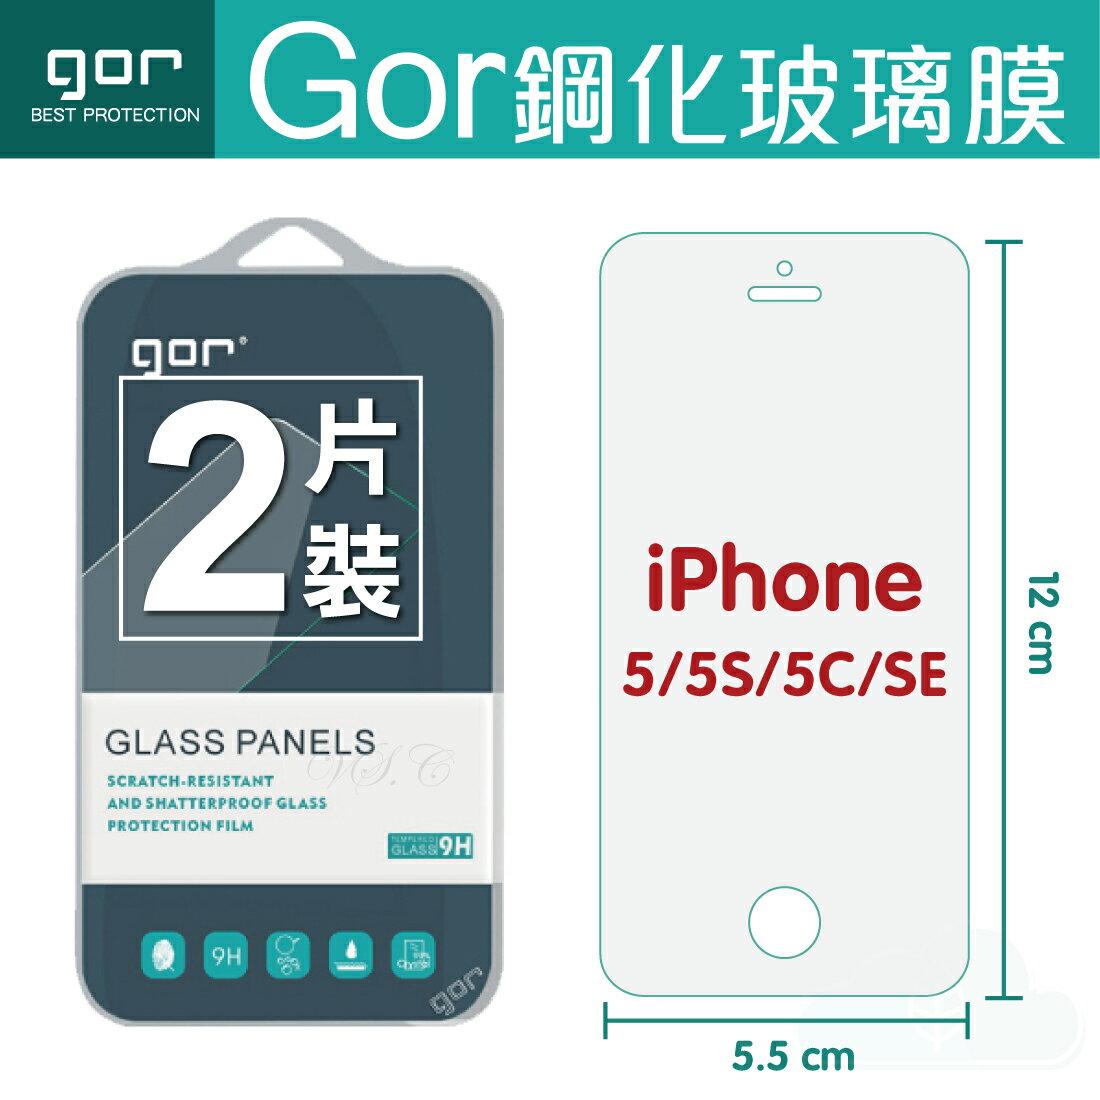 種子雲手機配件小舖 GOR 9H iPhone 5 5s 5c SE 鋼化 玻璃 保護貼 全透明非滿版 兩片裝 【全館滿299免運費】